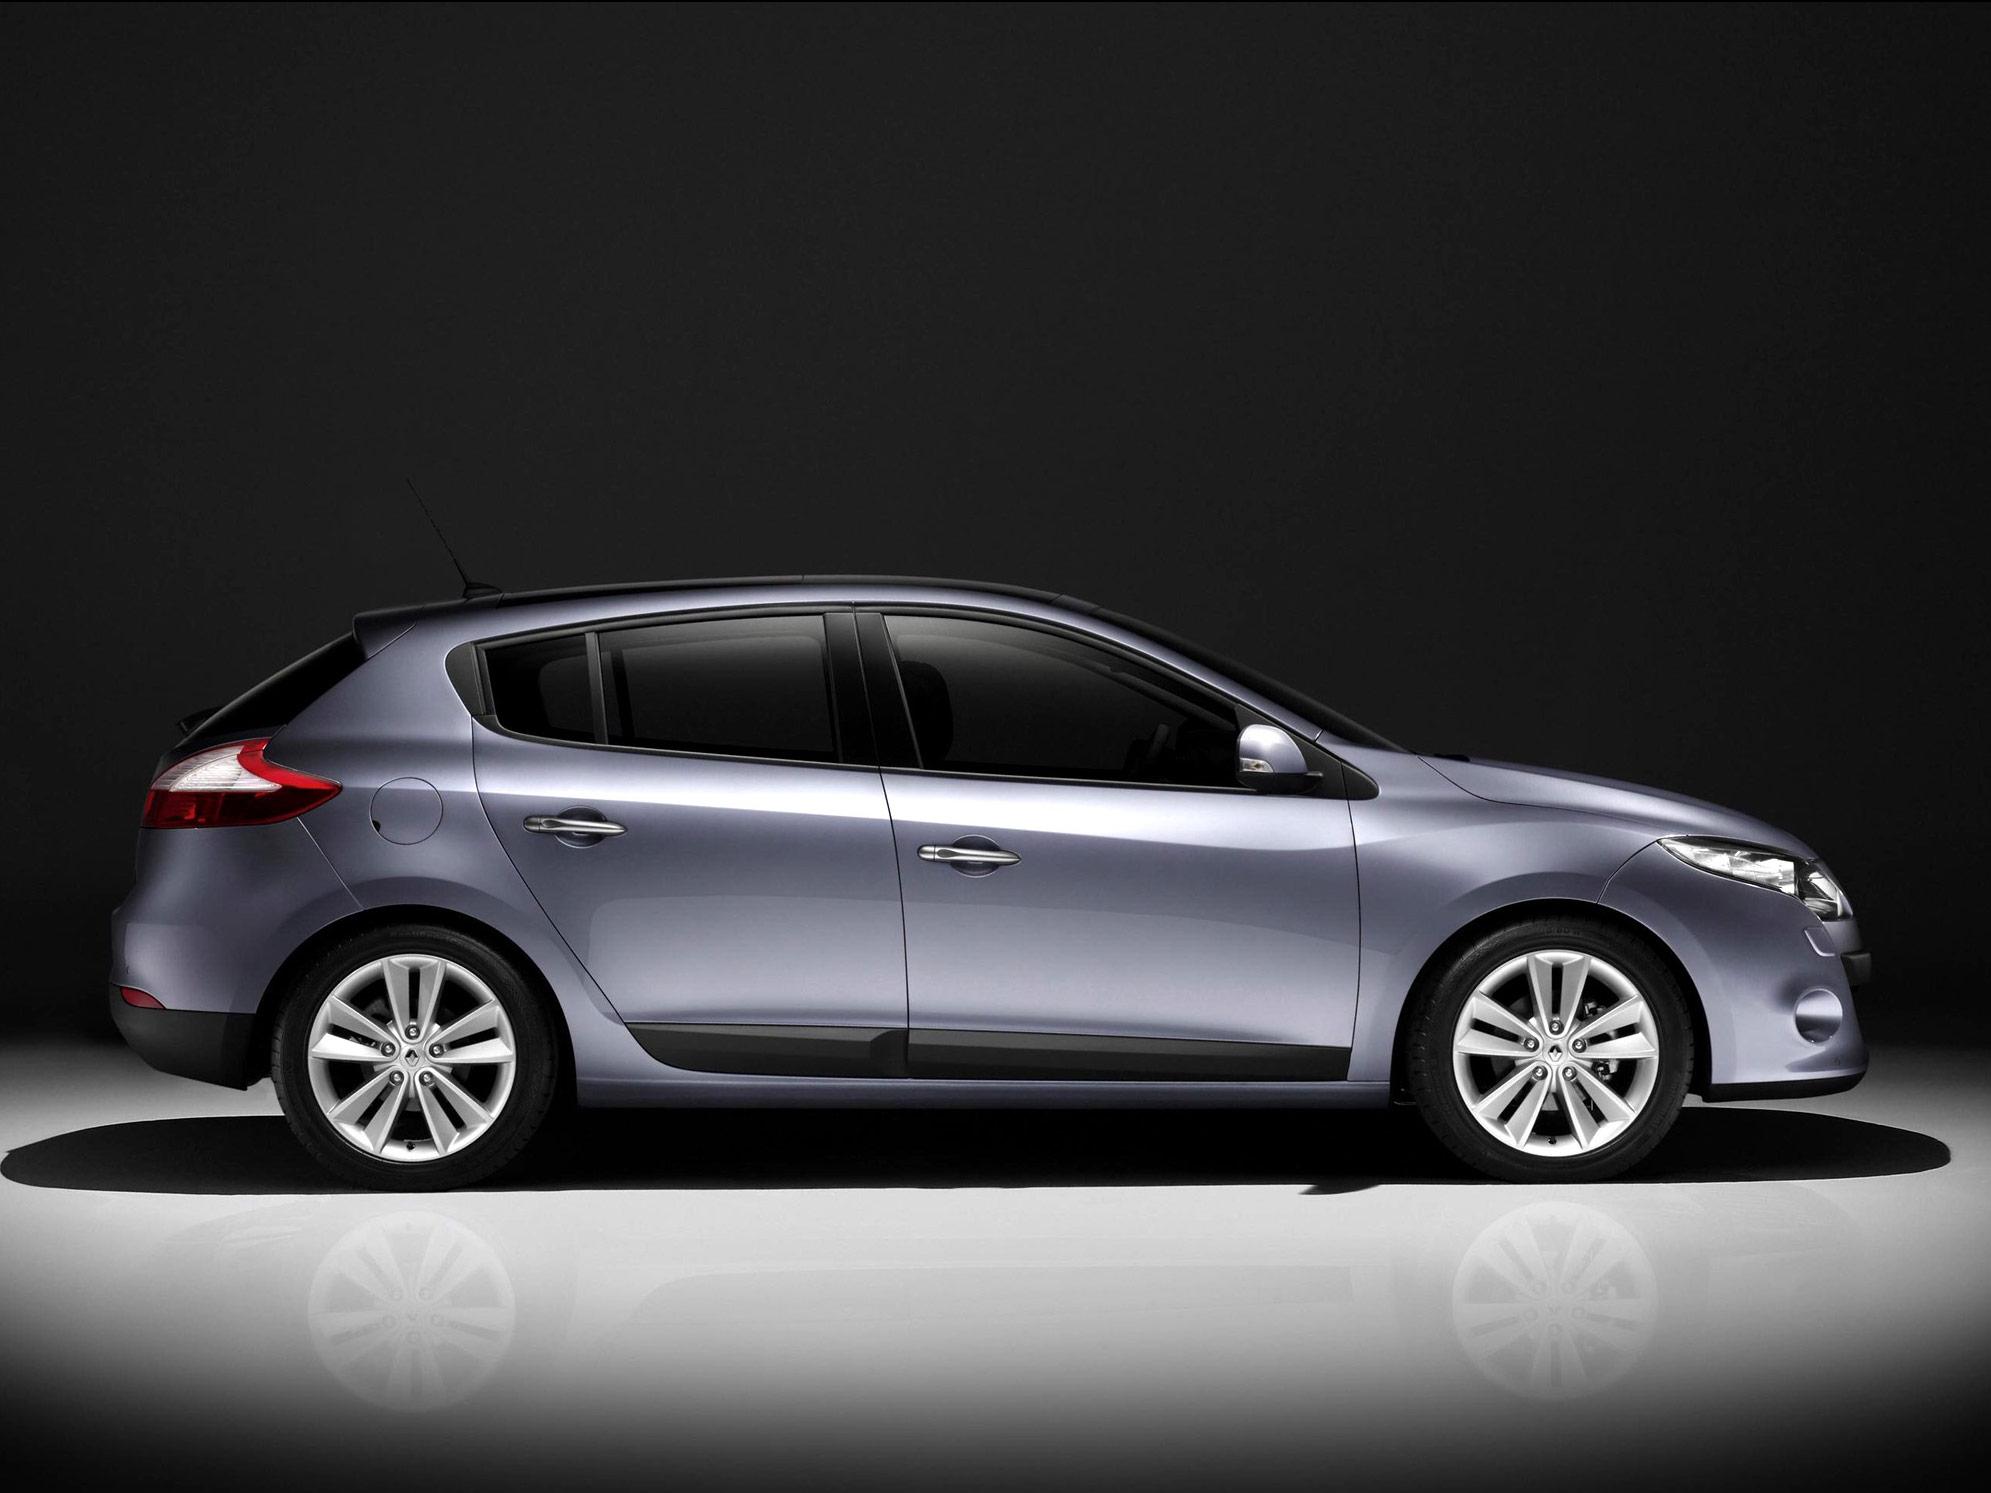 Renault официально представили новый Renault Megane III.